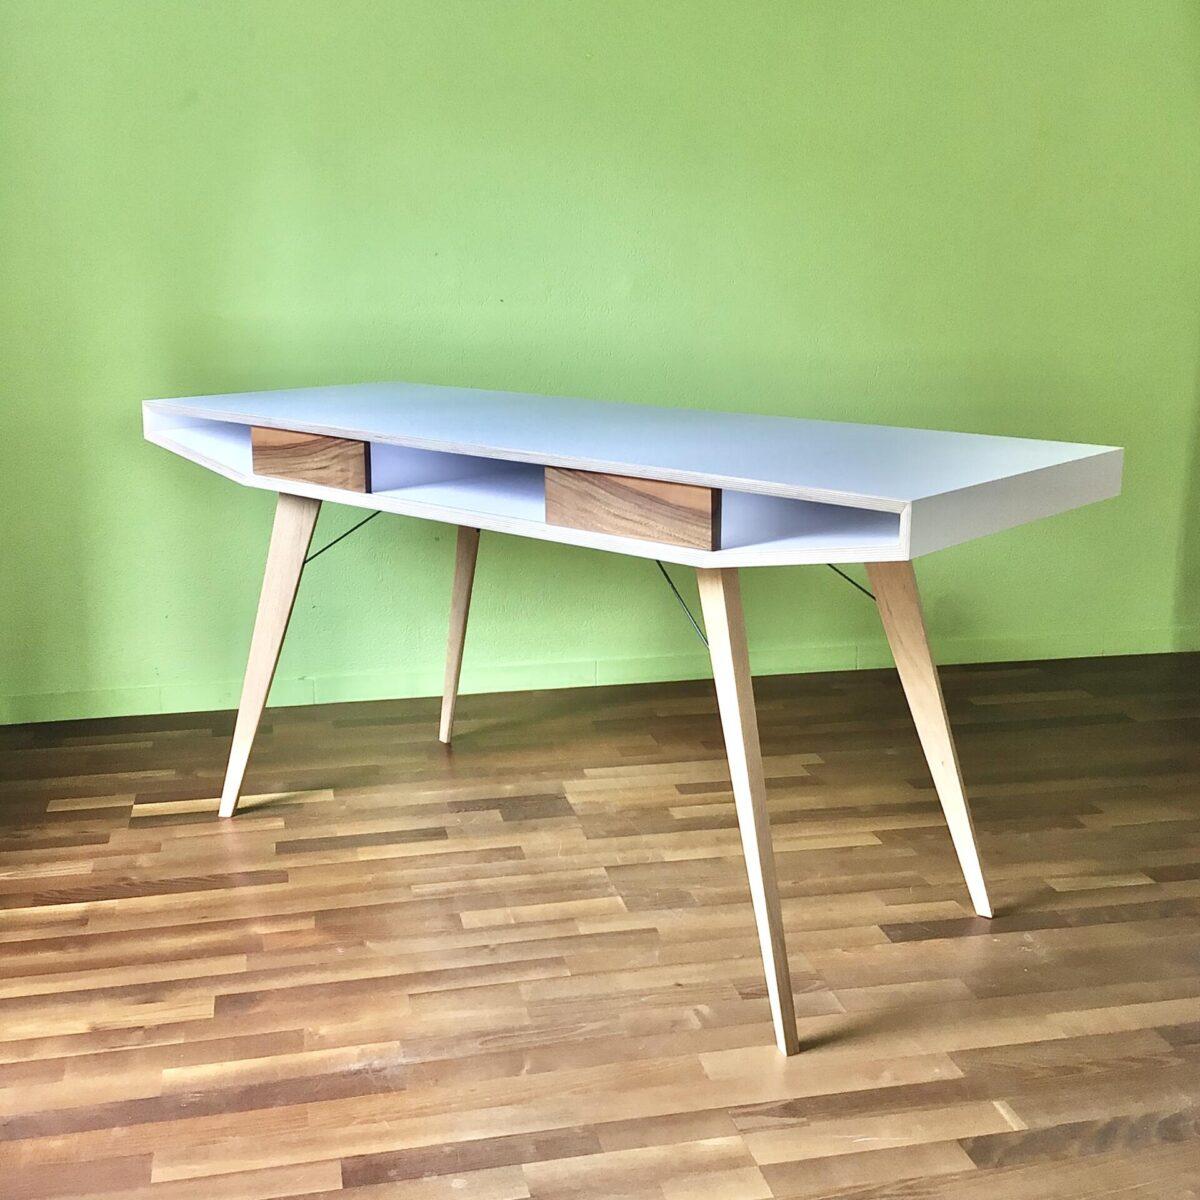 deuxieme.shop Schreibtisch 160 x 60cm Höhe 76.5cm. Der Tisch ist eine Eigenkreation, aus Birkensperrholz mit weisser Melamin Beschichtung. Tischbeine Eiche Massivholz, mit feinen Metallverstrebungen. Unter dem Tischblatt befinden sich fünf Ablagefächer. Zwei kleine Schiebetüren aus Nussbaum geben dem Tisch seinen Charakter. Dieser Schreibtisch zeichnet sich durch seine hochwertigen Materialien aus. Die weisse Tischoberfläche bietet einen ruhigen, pflegeleichten Arbeitsplatz.